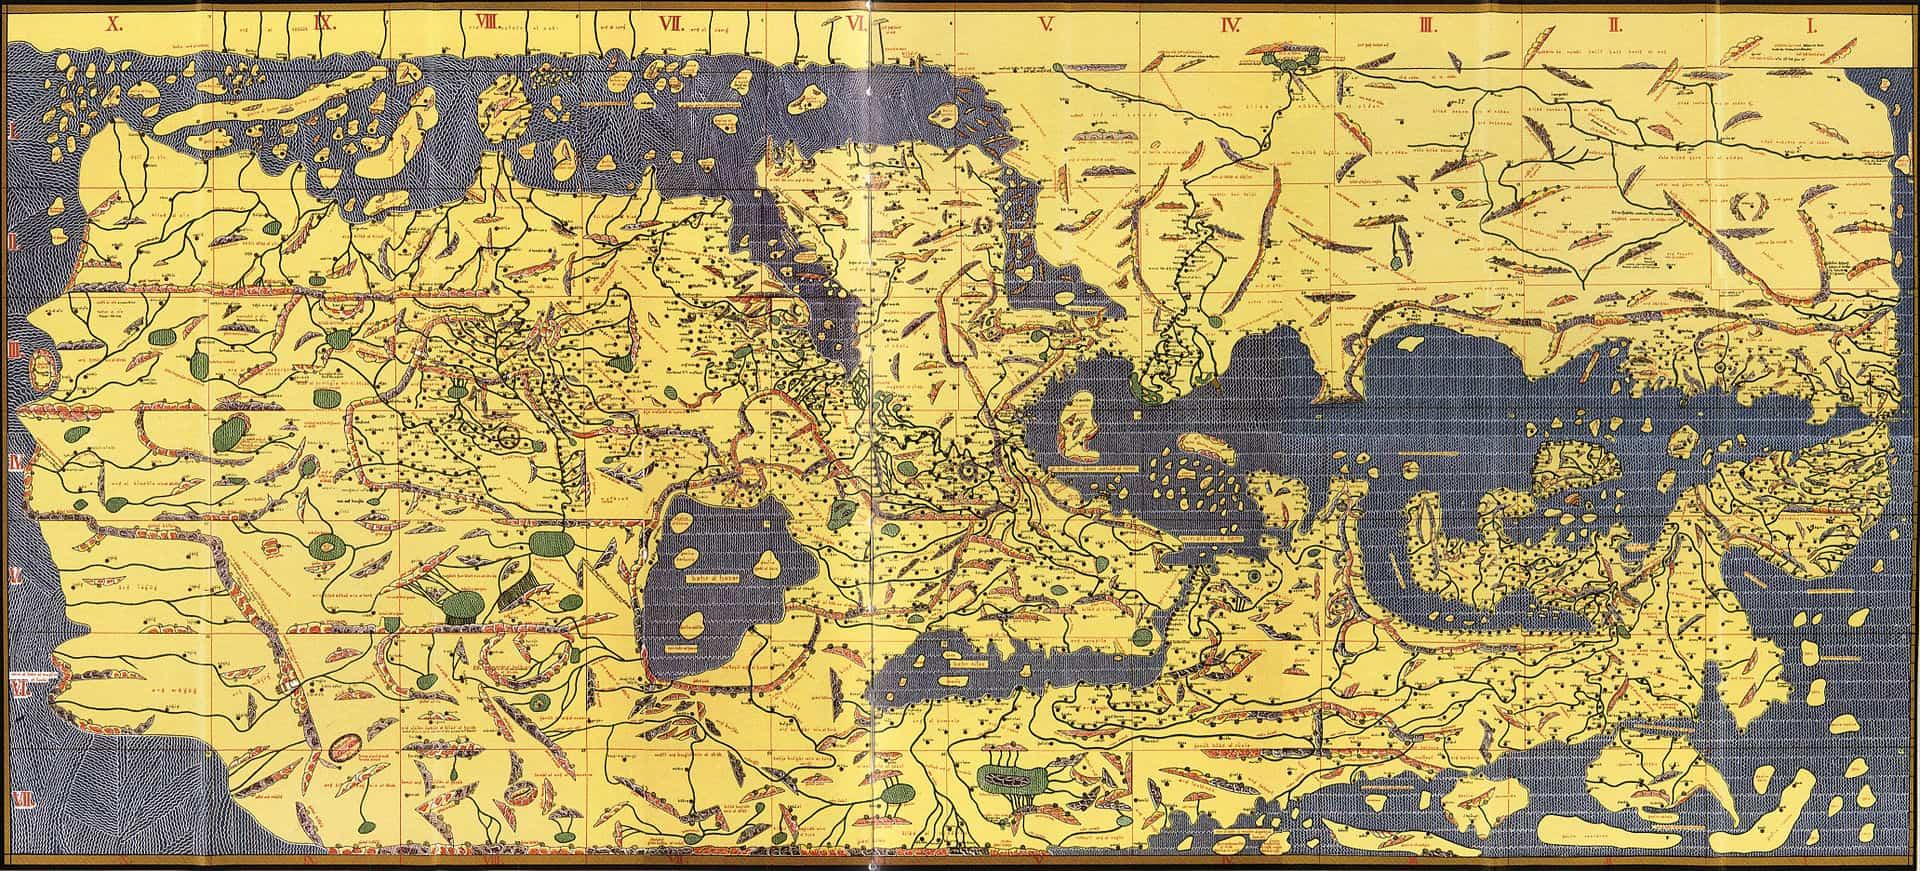 Tabula Rogeriana, 1154 by Muhammad al-Idrisi with south orientation.